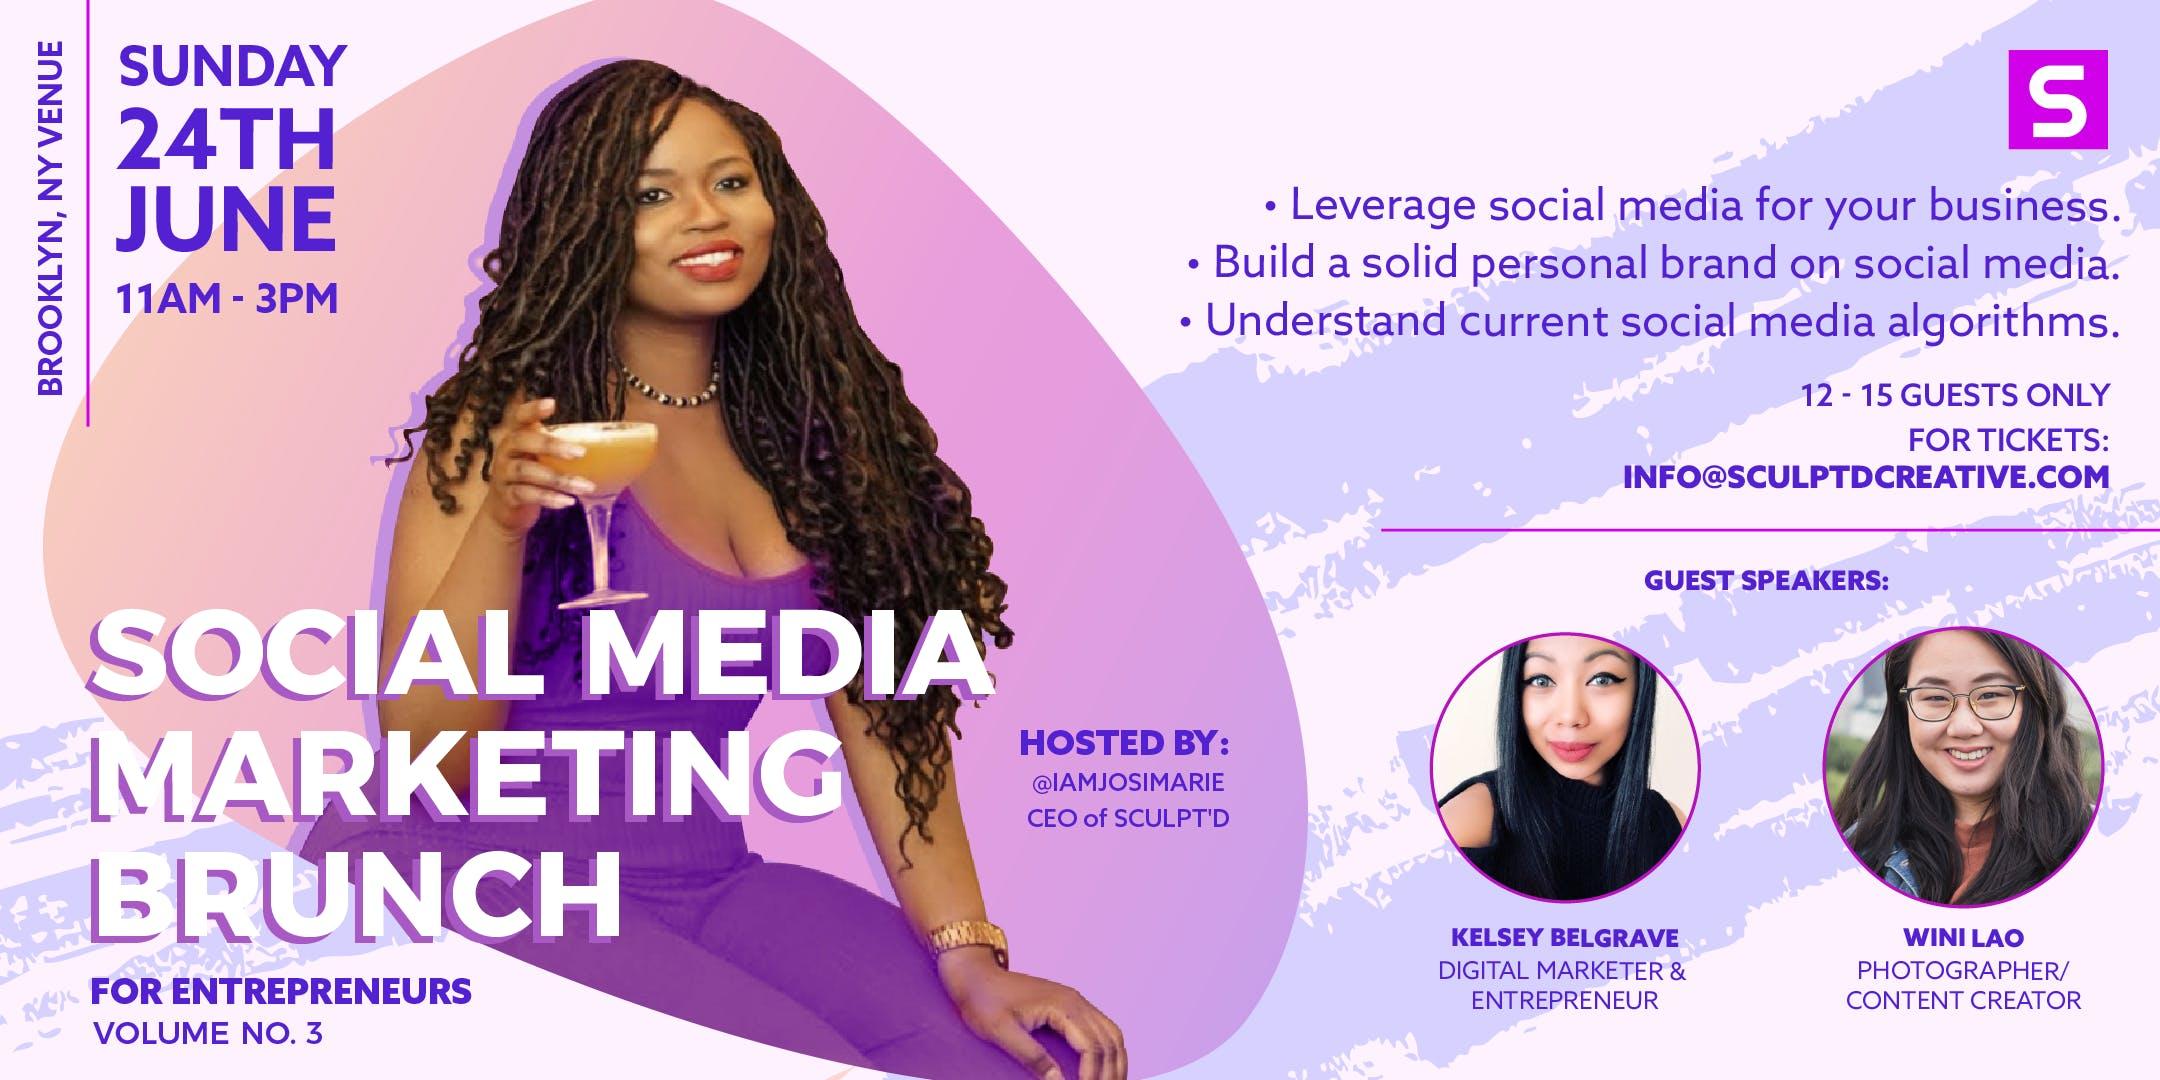 Social Media Marketing Brunch for Entrepreneurs